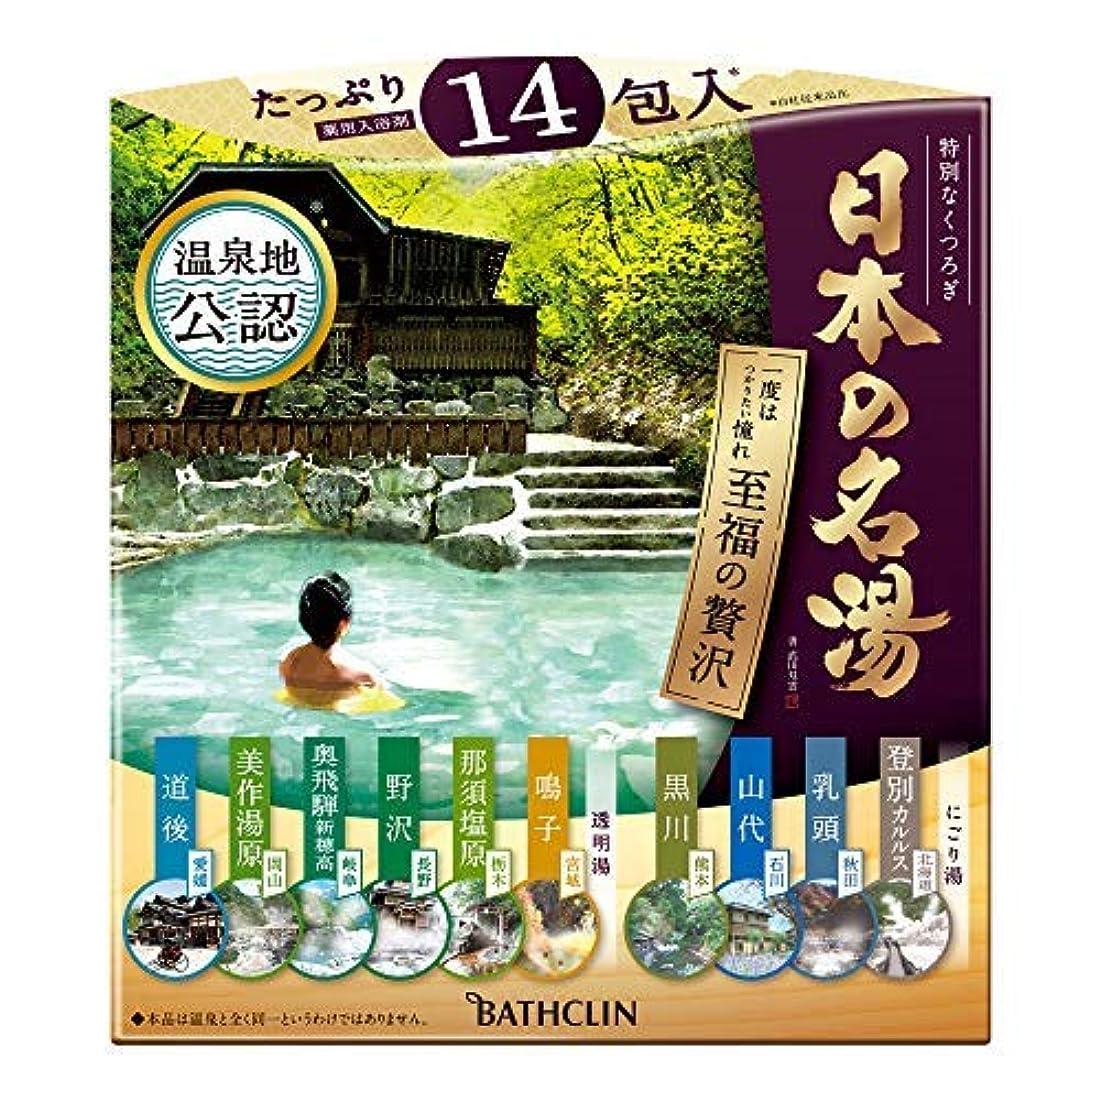 のシュリンク海外日本の名湯 至福のぜいたく 30g×14包 × 12個セット